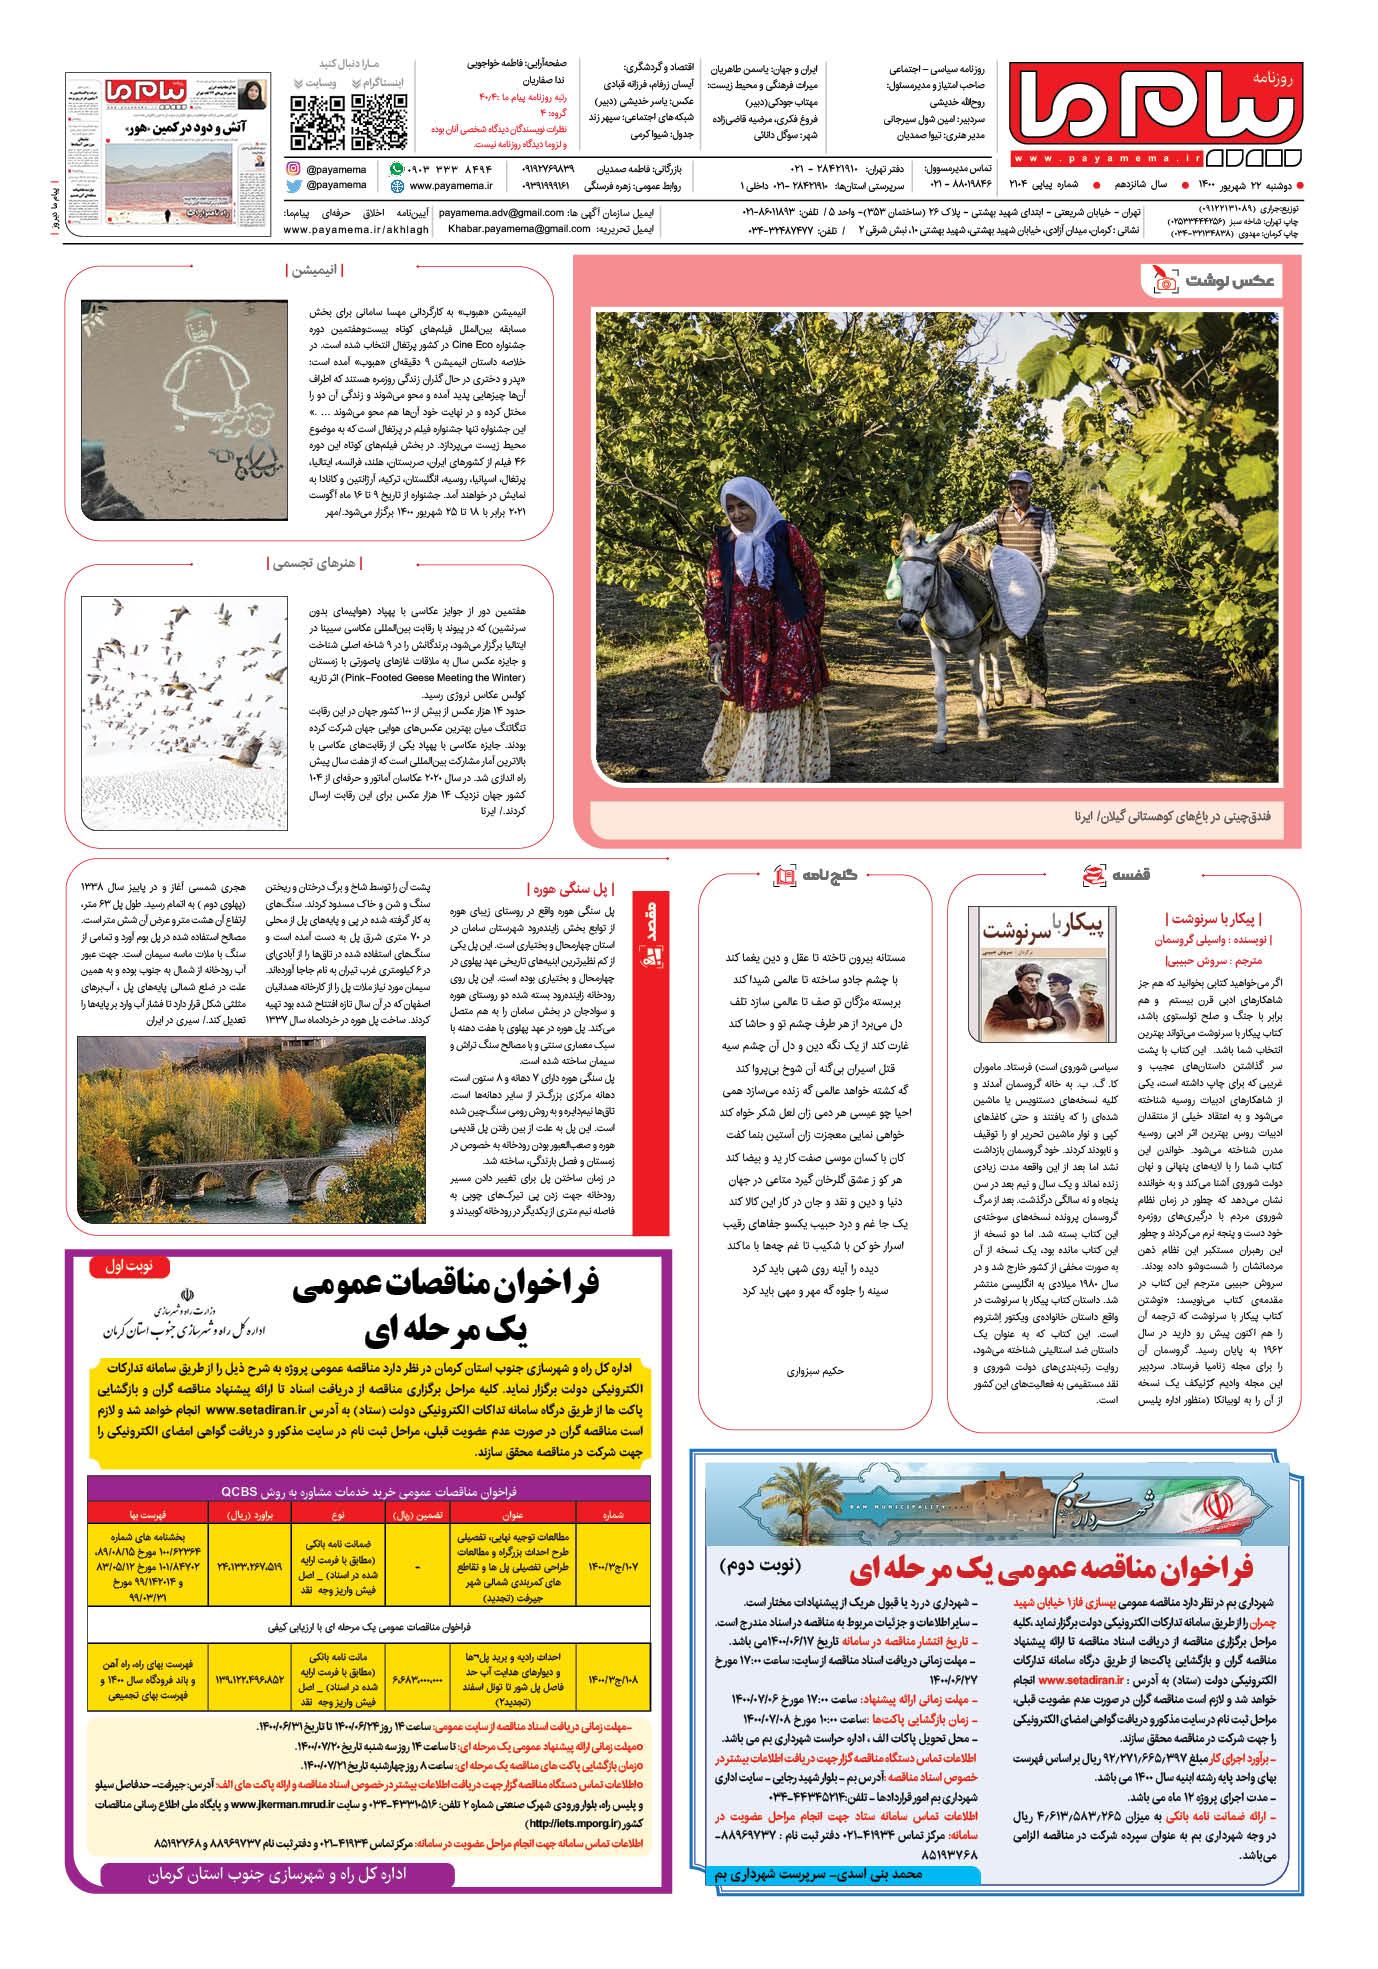 صفحه آخر شماره 2104 روزنامه پیام ما